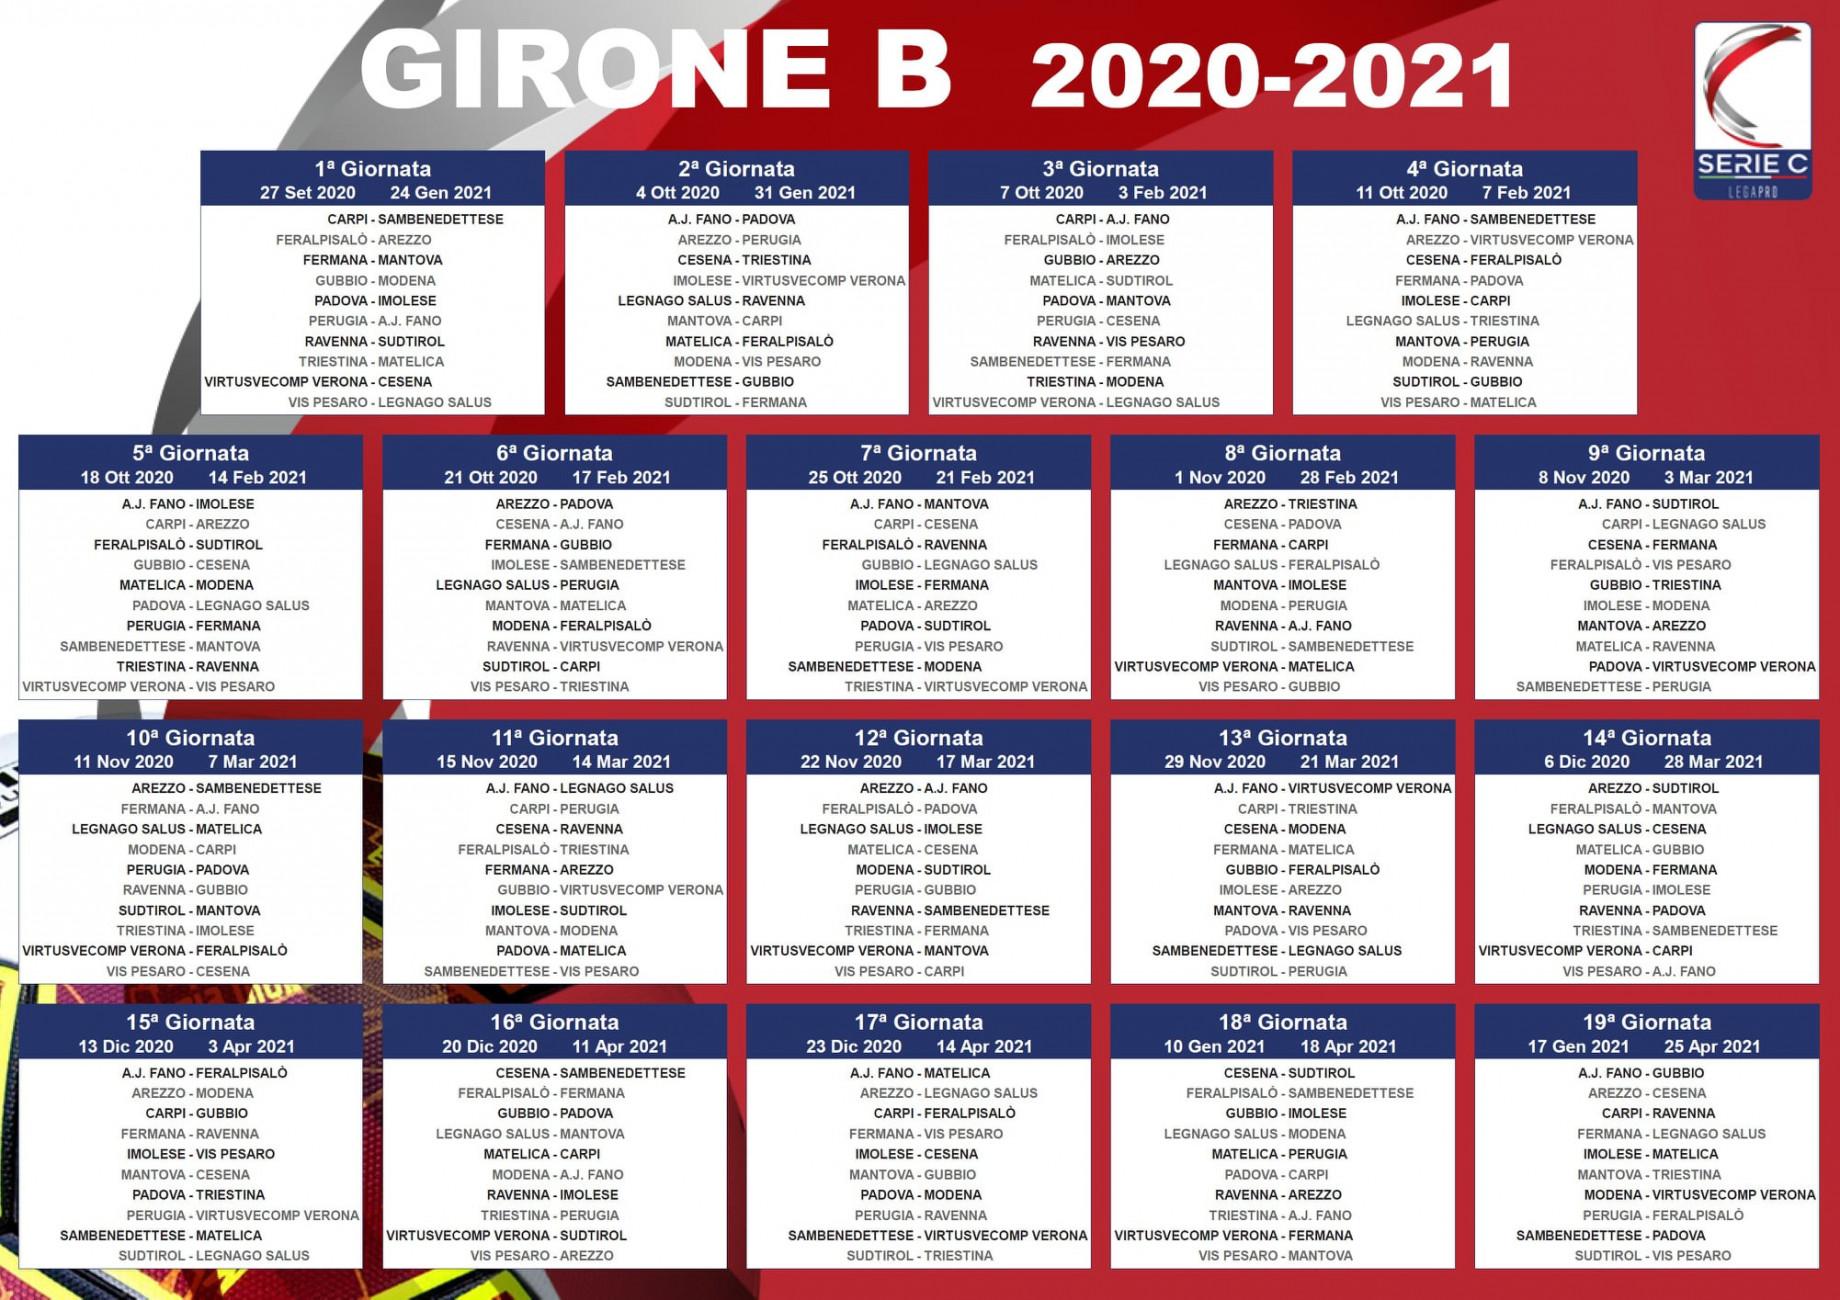 Calendari Serie C 2020/2021: date e partite dei tre gironi